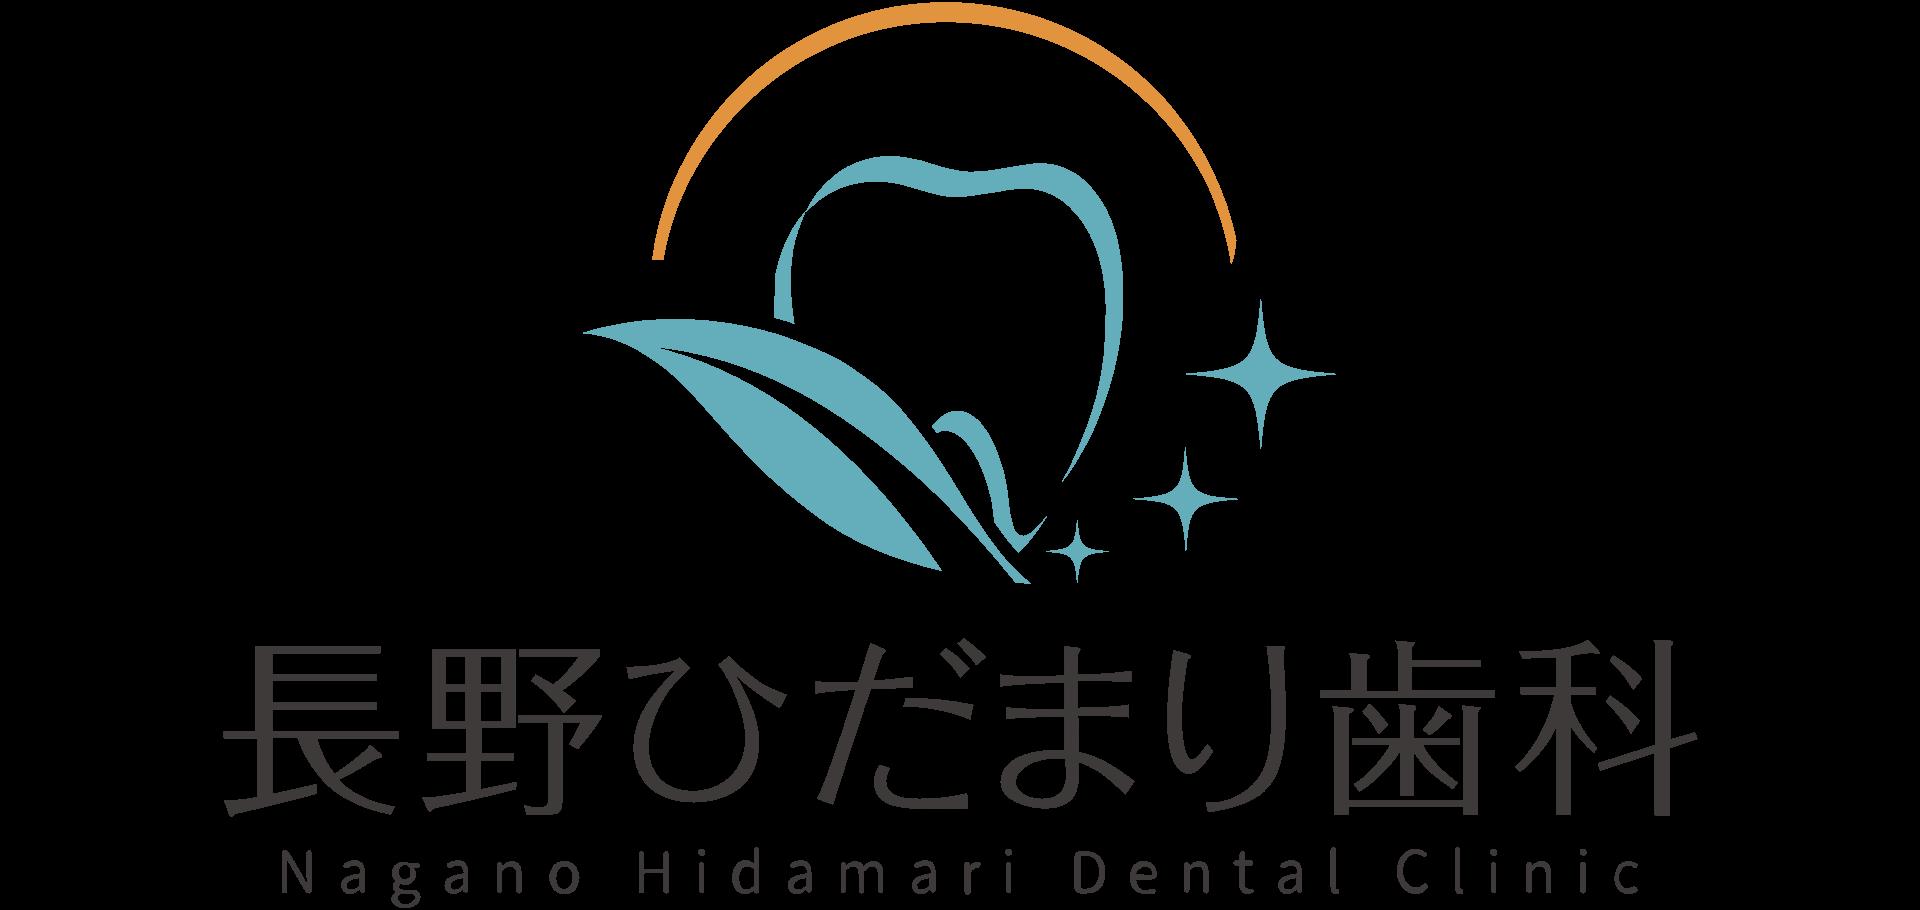 長野ひだまり歯科